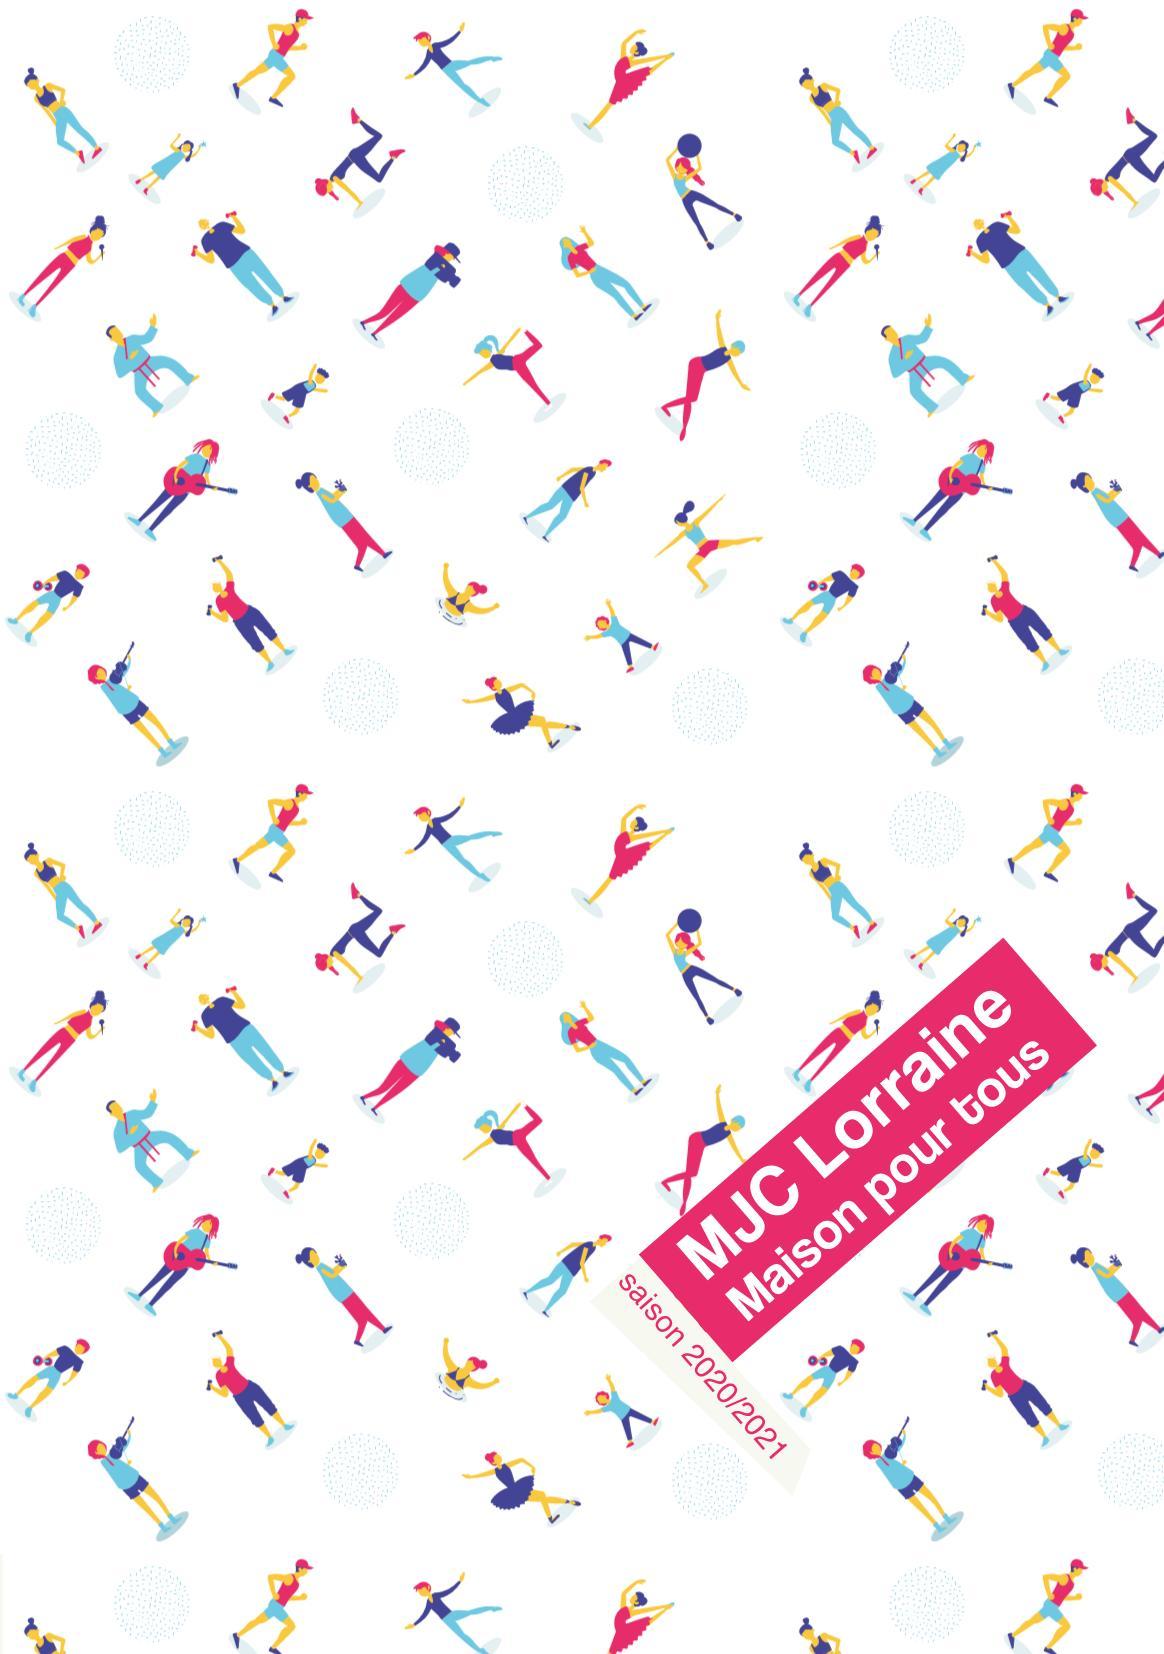 Saison Culturelle MJC Lorraine Vandœuvre-lès-Nancy 2020-2021 Solidarité, Culture, Sport, Bien-Être, Danse, Enfants-Ados